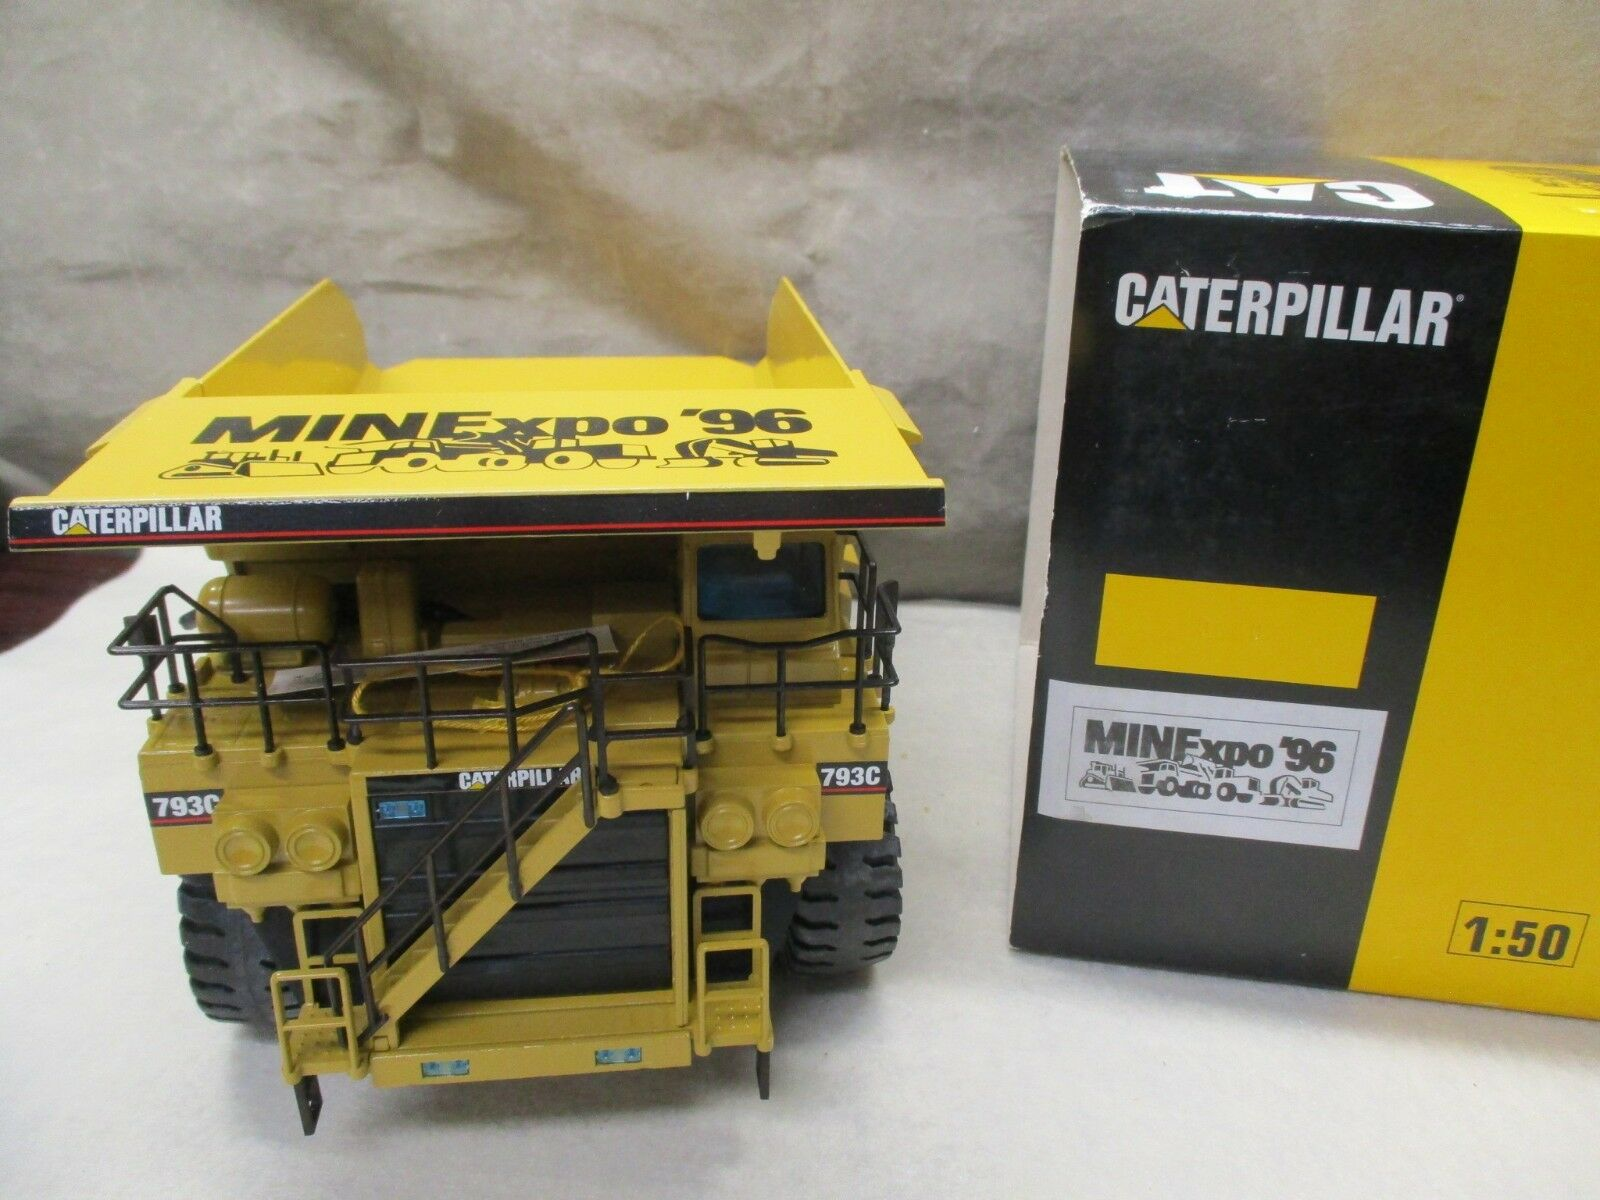 NZG CATERPILLAR  CAT 793 C Hwy CAMION  minexpo 96  Launch Edition  403 1 50 CJ180  achats en ligne de sport